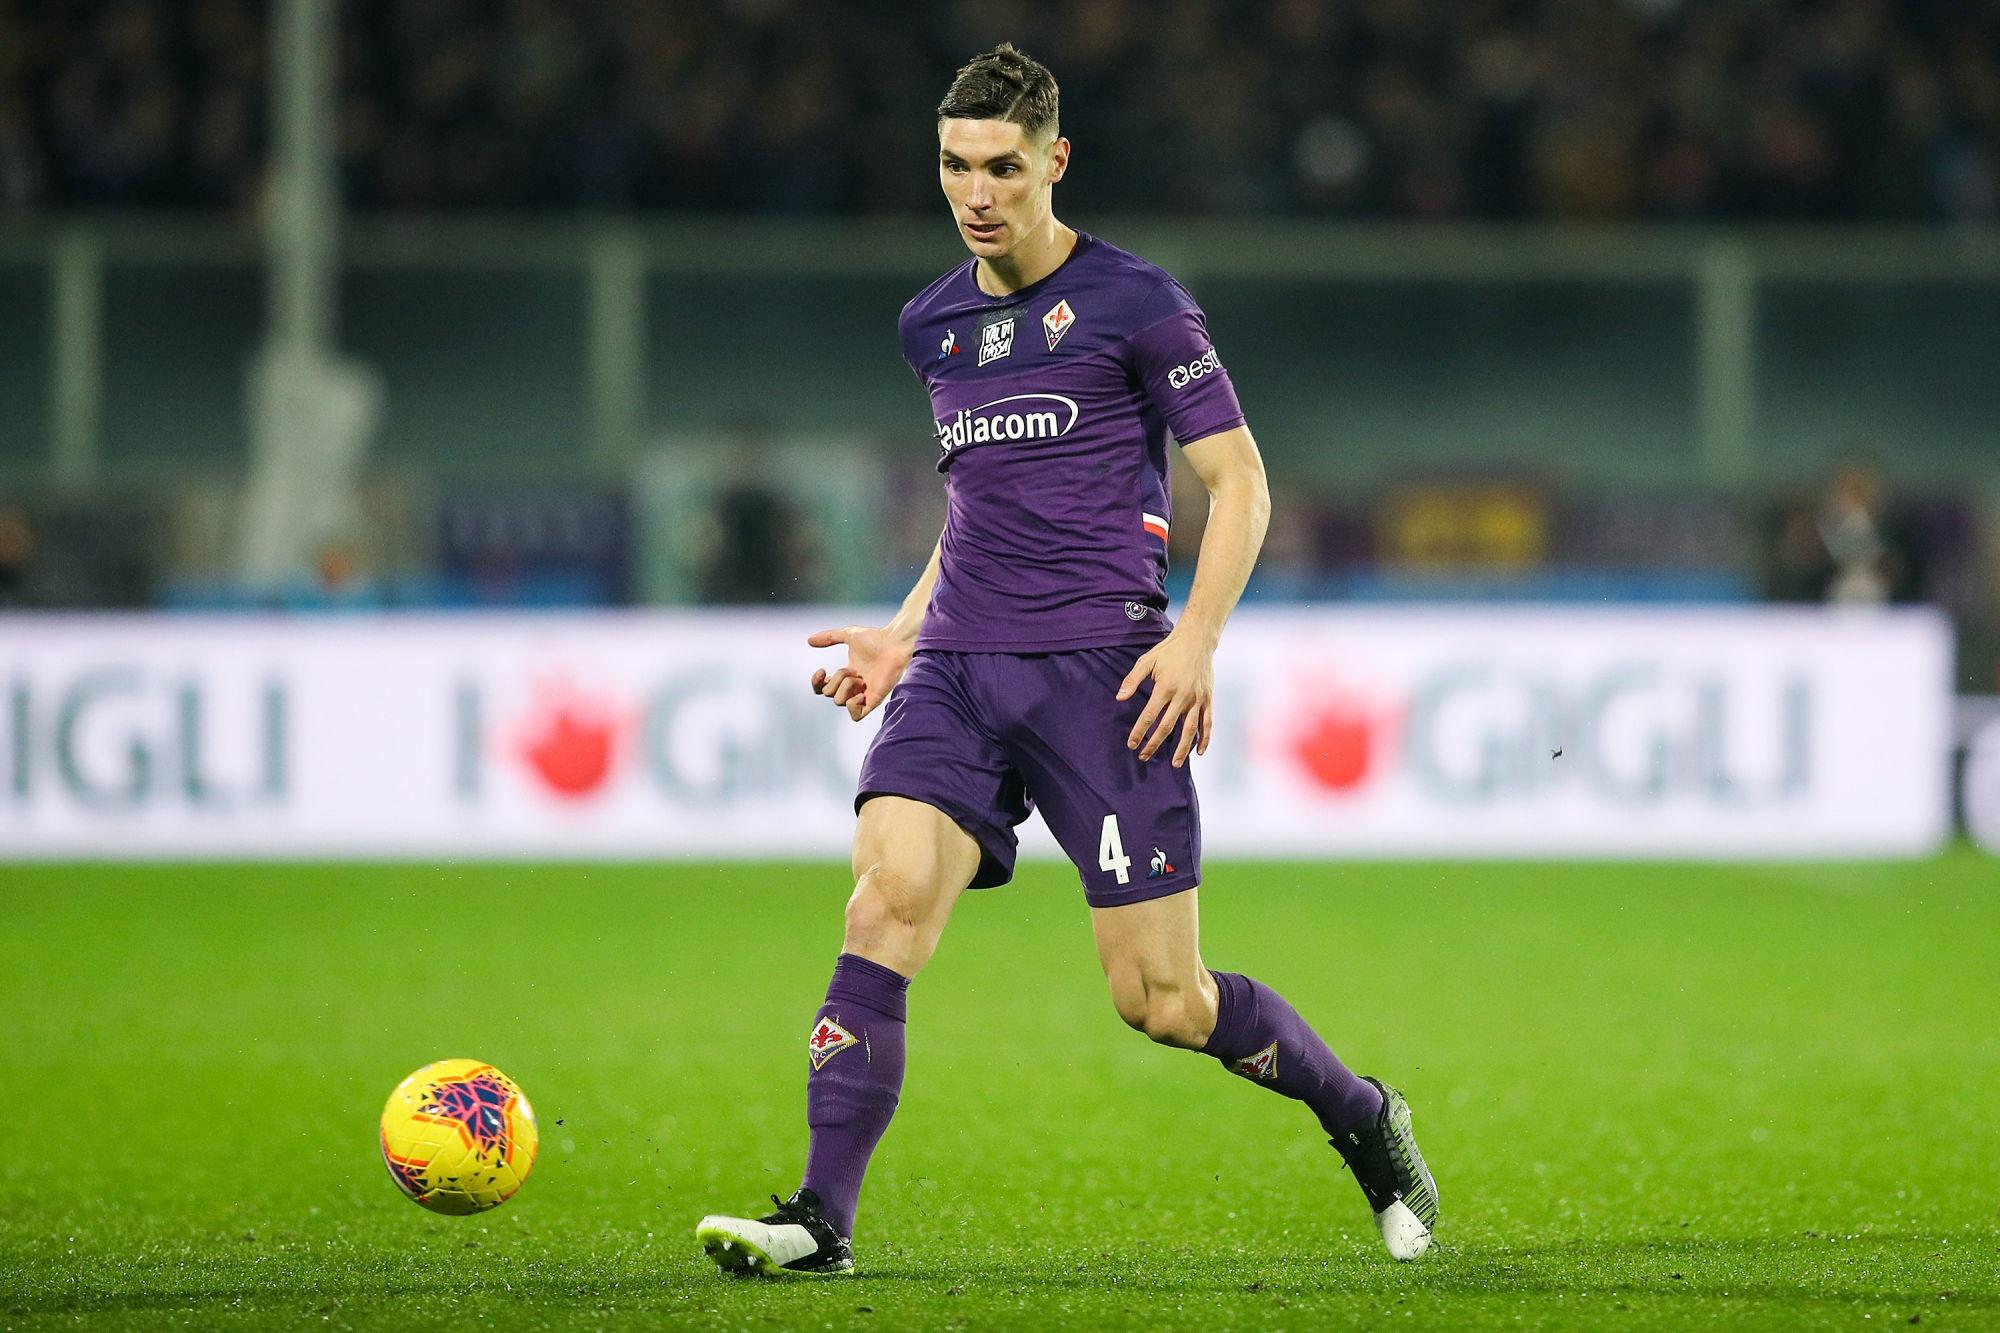 Mercato - Milenkovic, le PSG est intéressé et la Fiorentina a fixé un prix selon Tuttosport